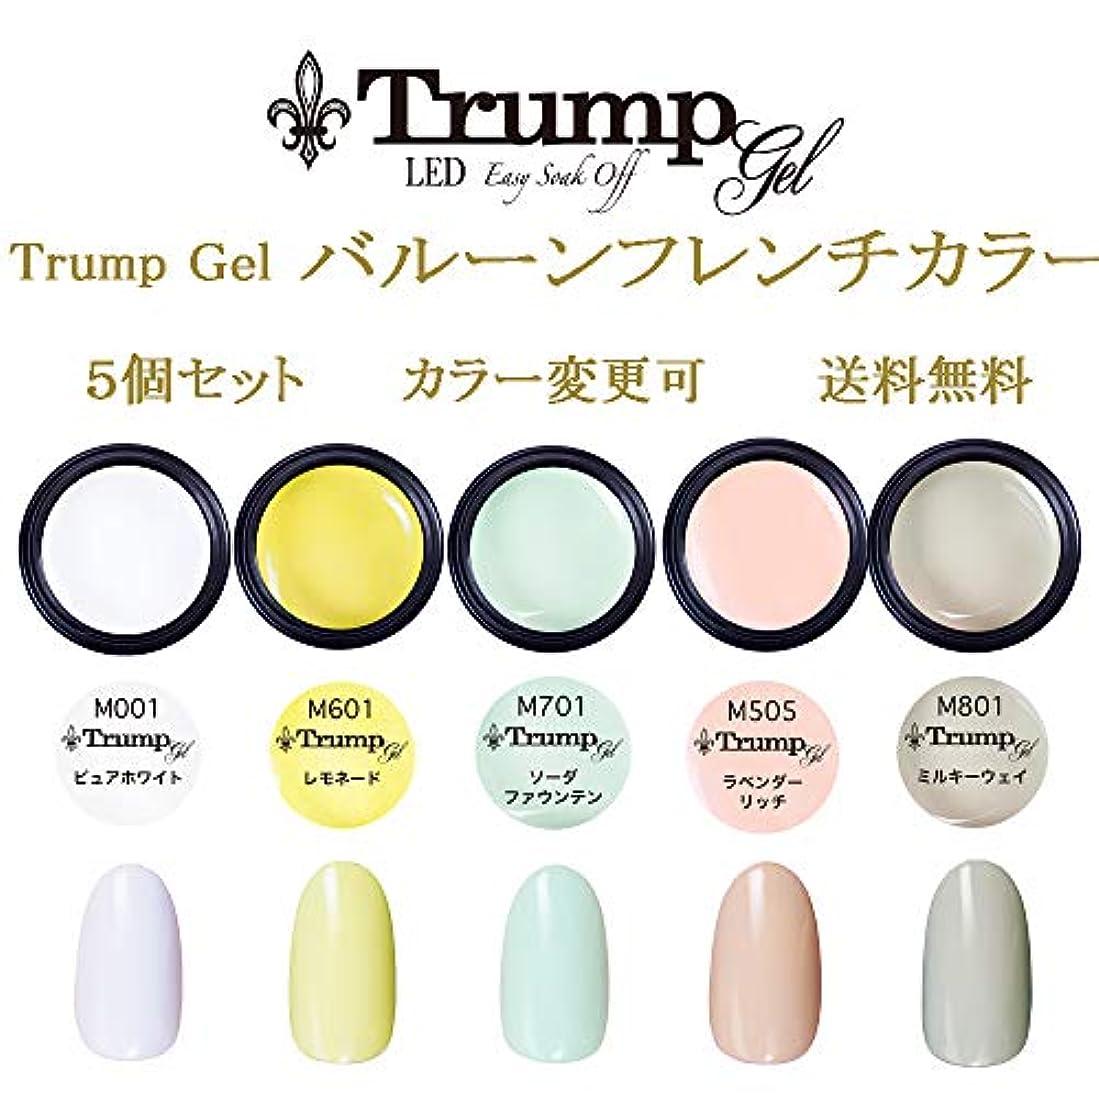 落胆した大破構成員【送料無料】Trumpバルーンフレンチカラー 選べるカラージェル5個セット